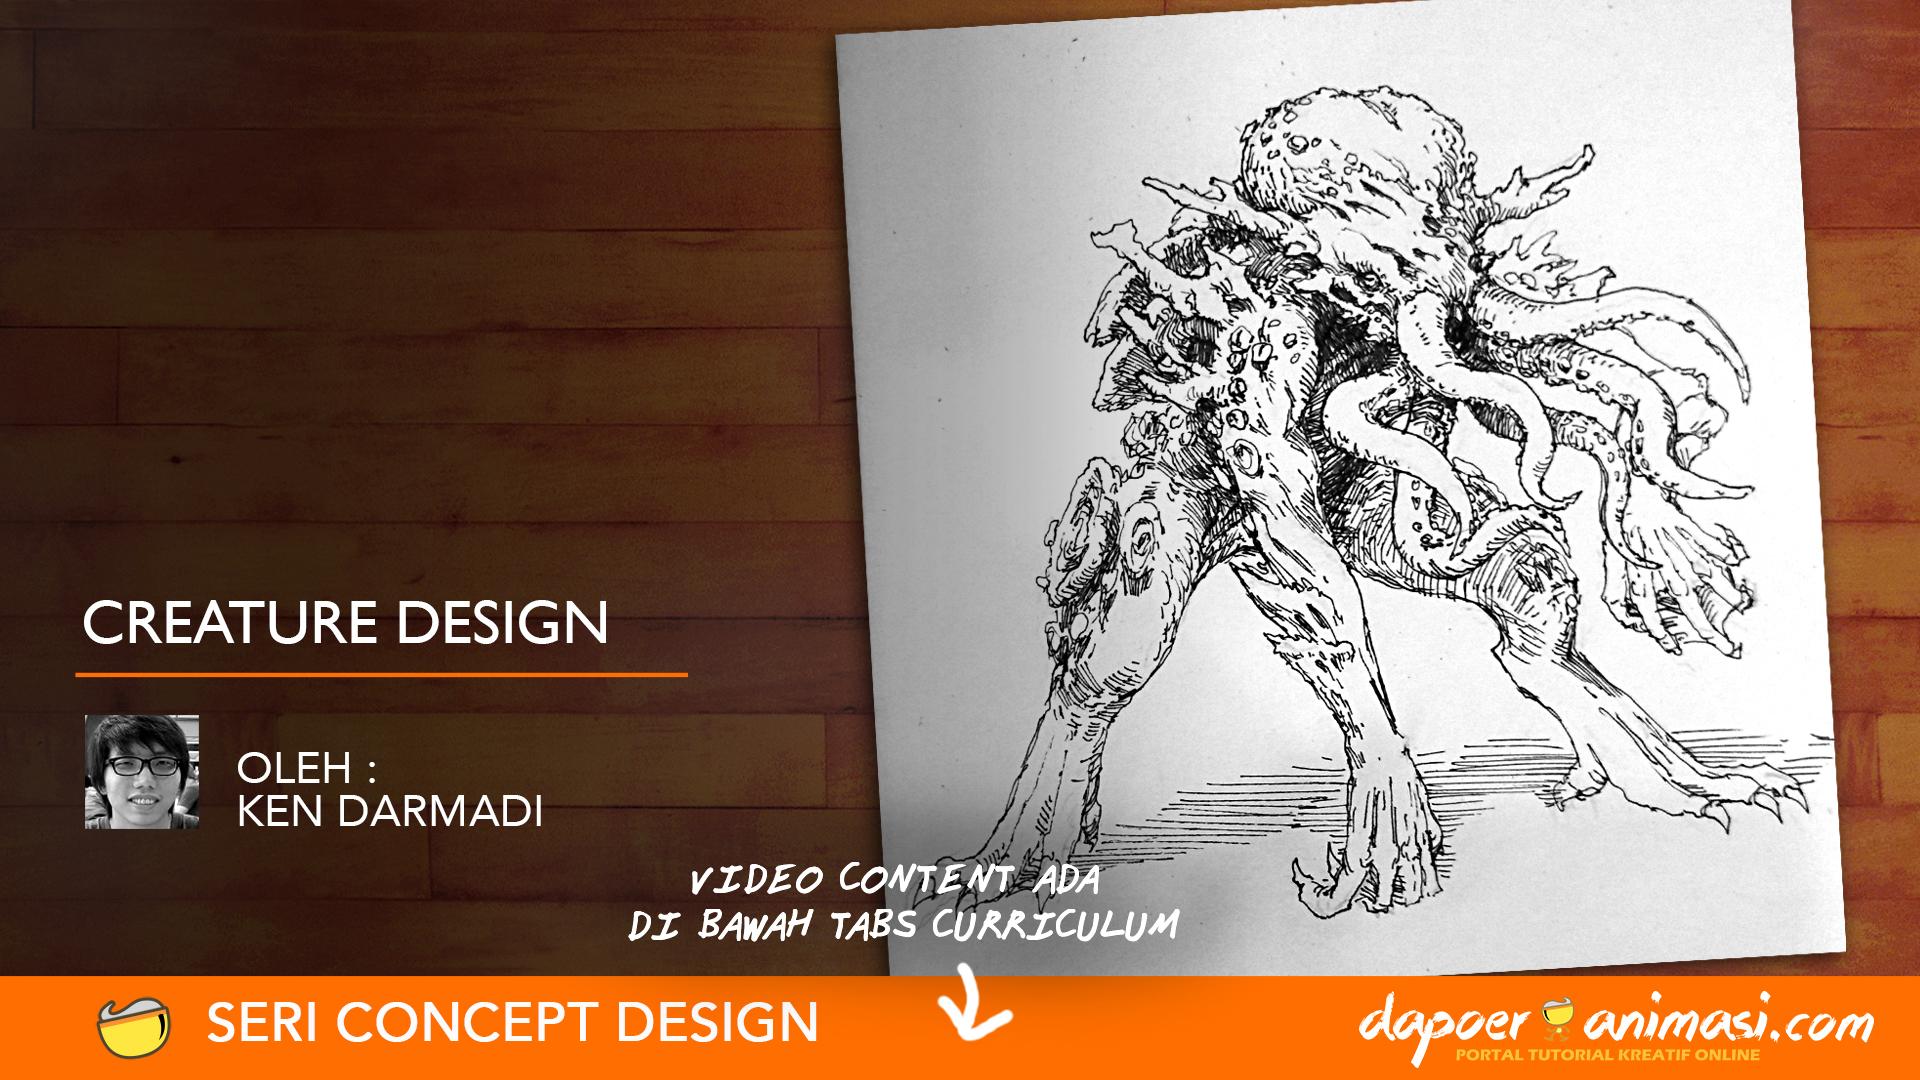 Dapoer Animasi : Creature Design